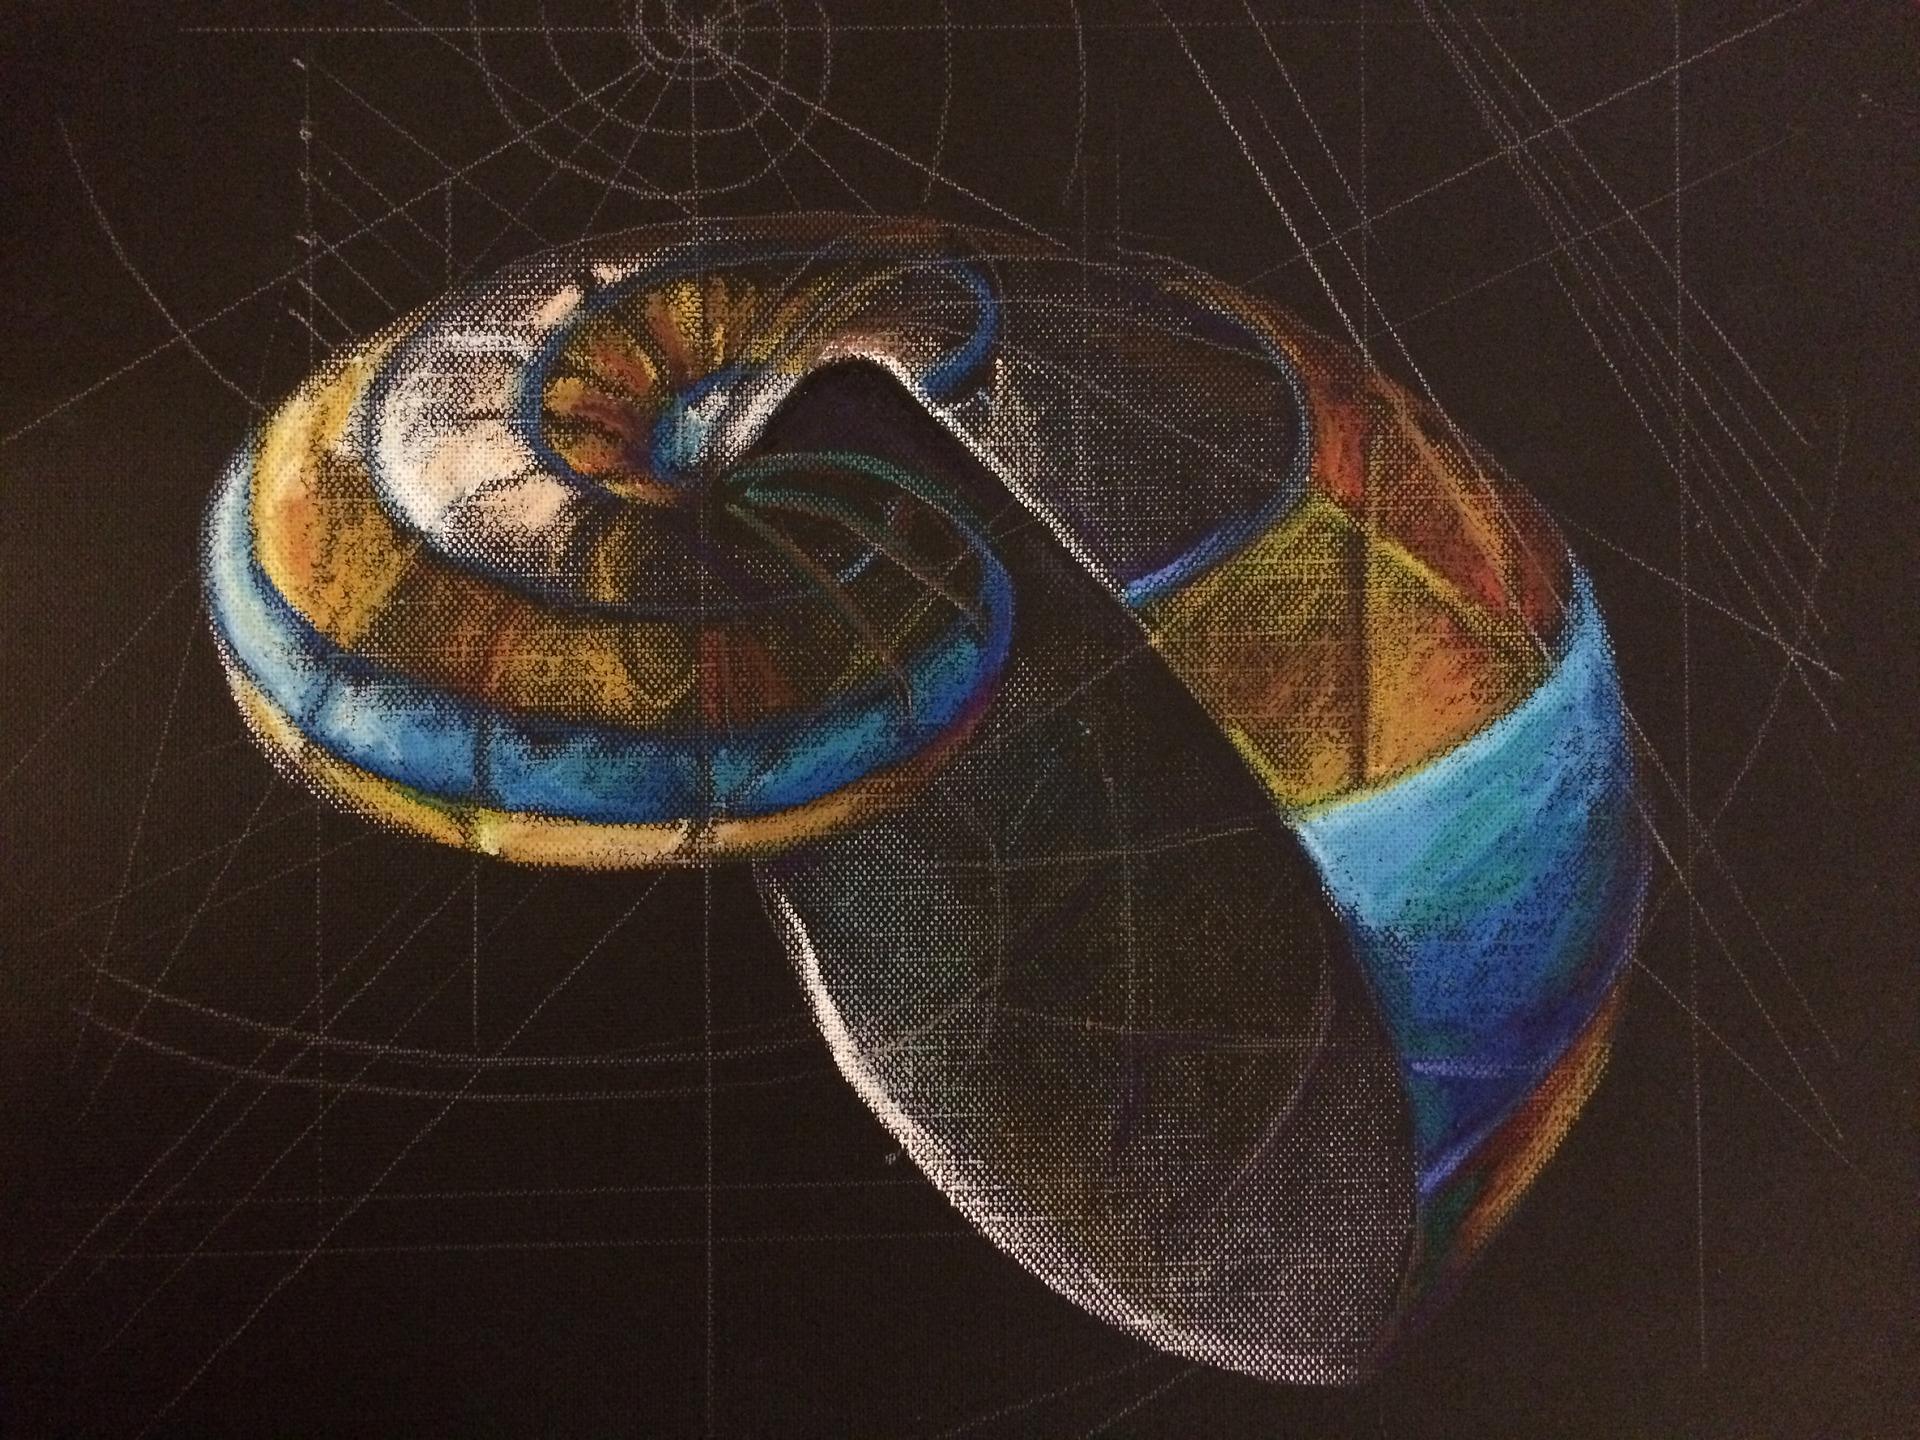 Fibonacci sequence - Polarpedia